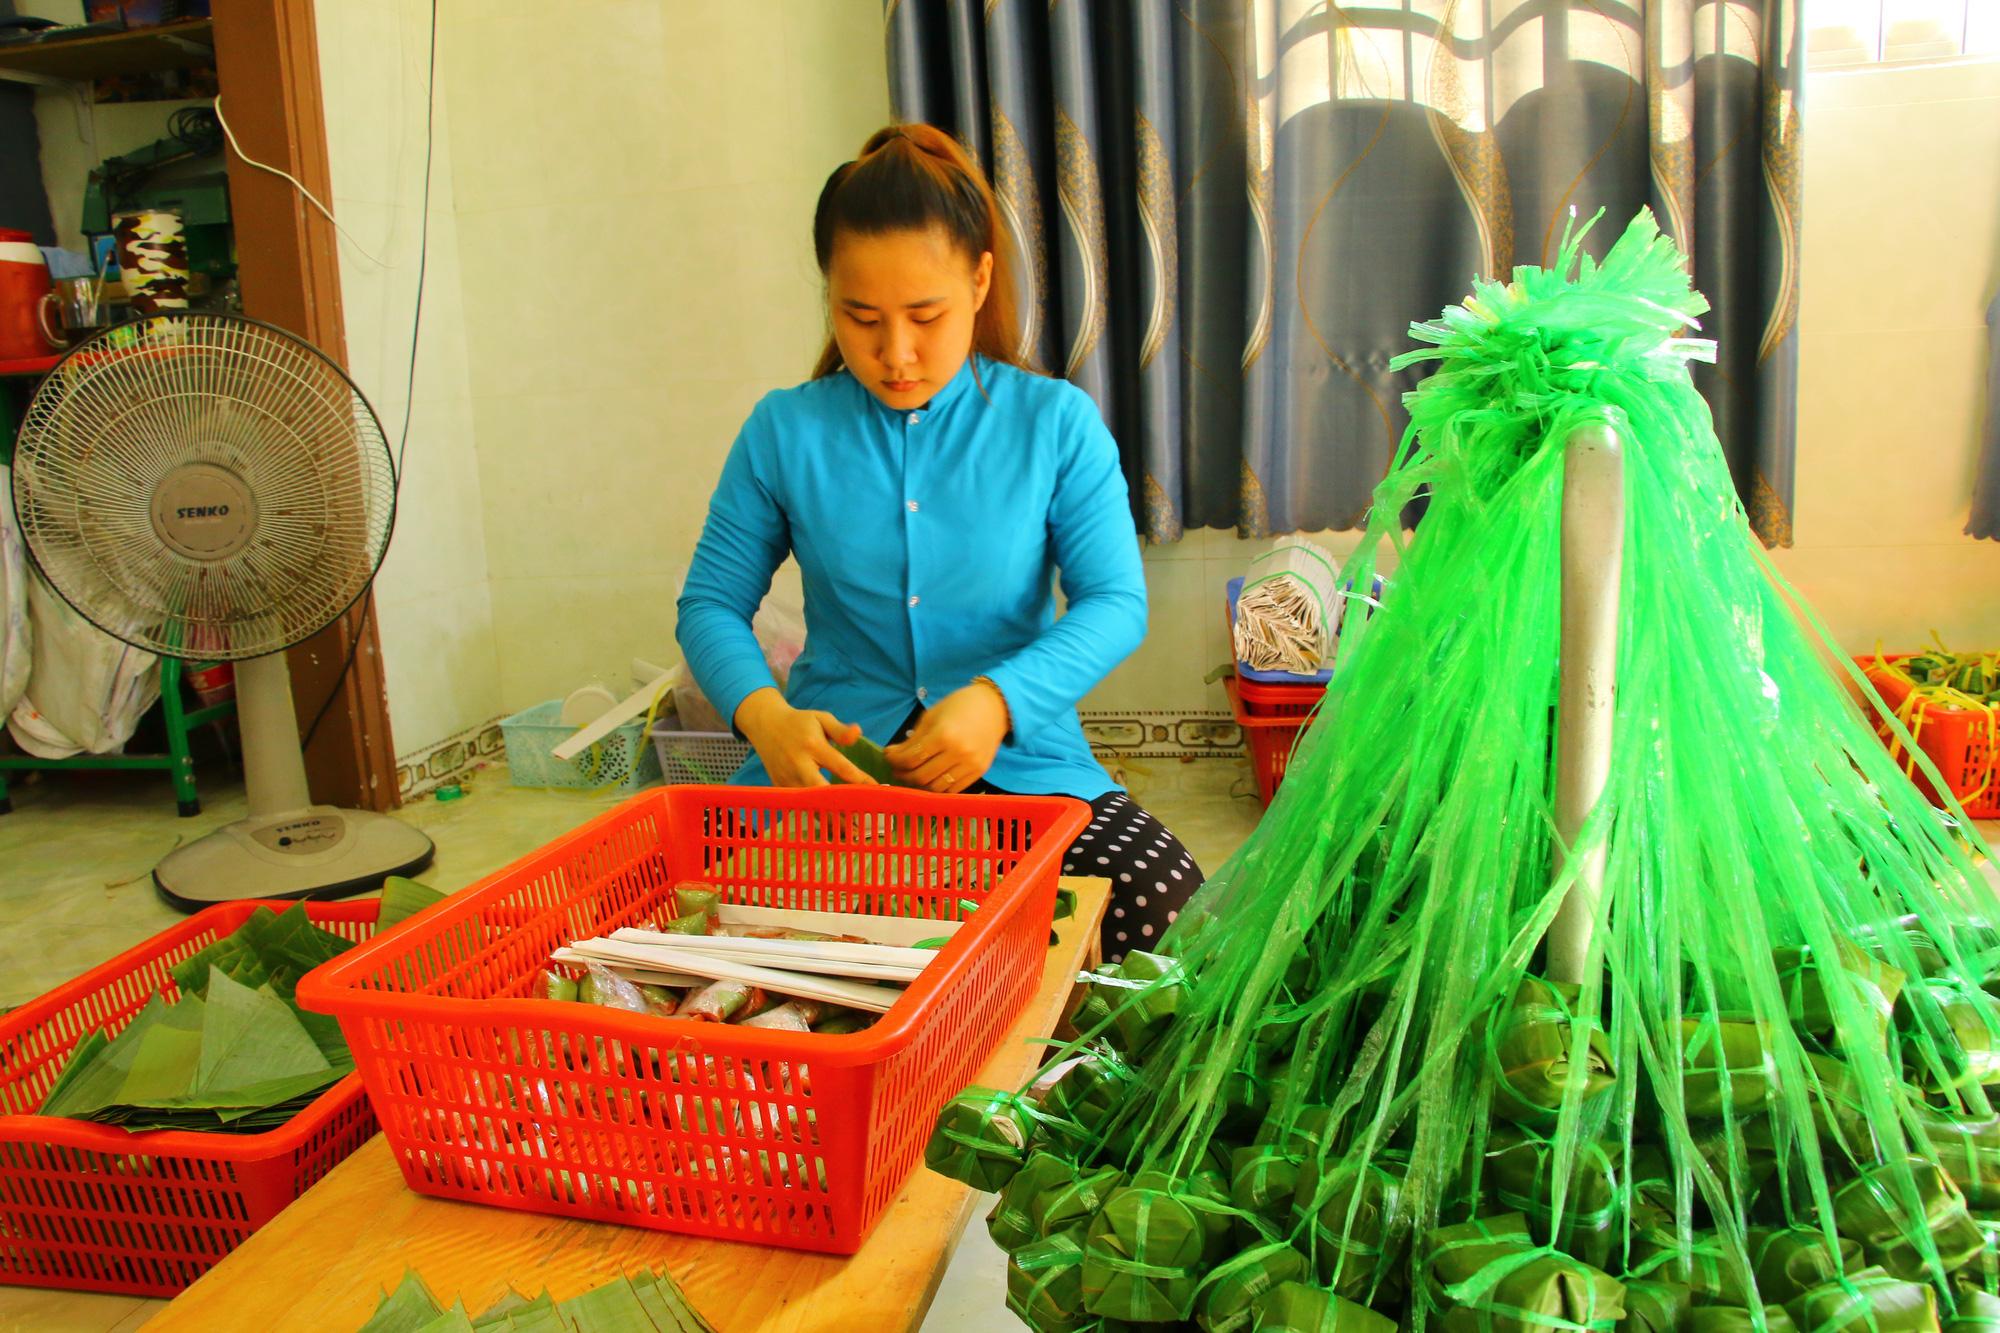 Bất ngờ 6 món ăn, thức uống của Đồng Tháp lọt vào tốp 100 đặc sản Việt Nam  - Ảnh 8.